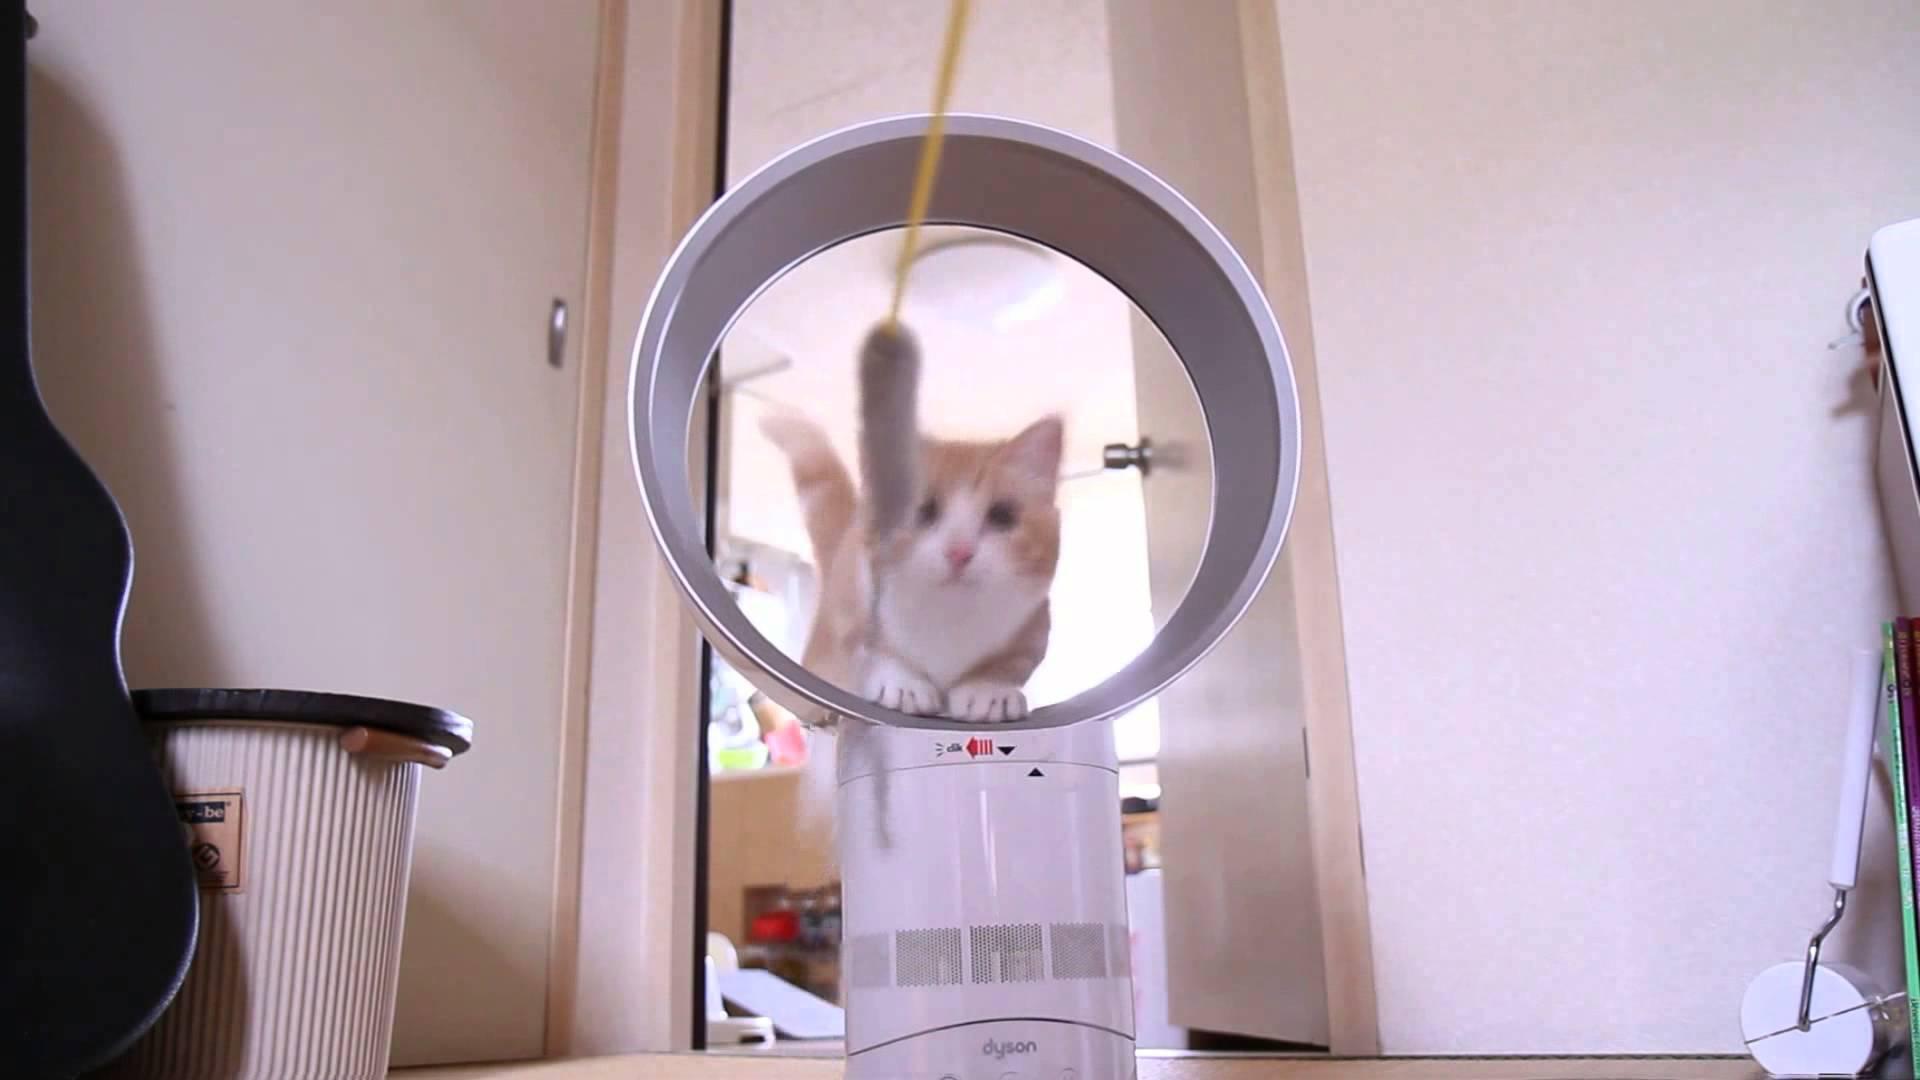 あの扇風機で!?猫ちゃんの輪くぐりチャレンジ♡